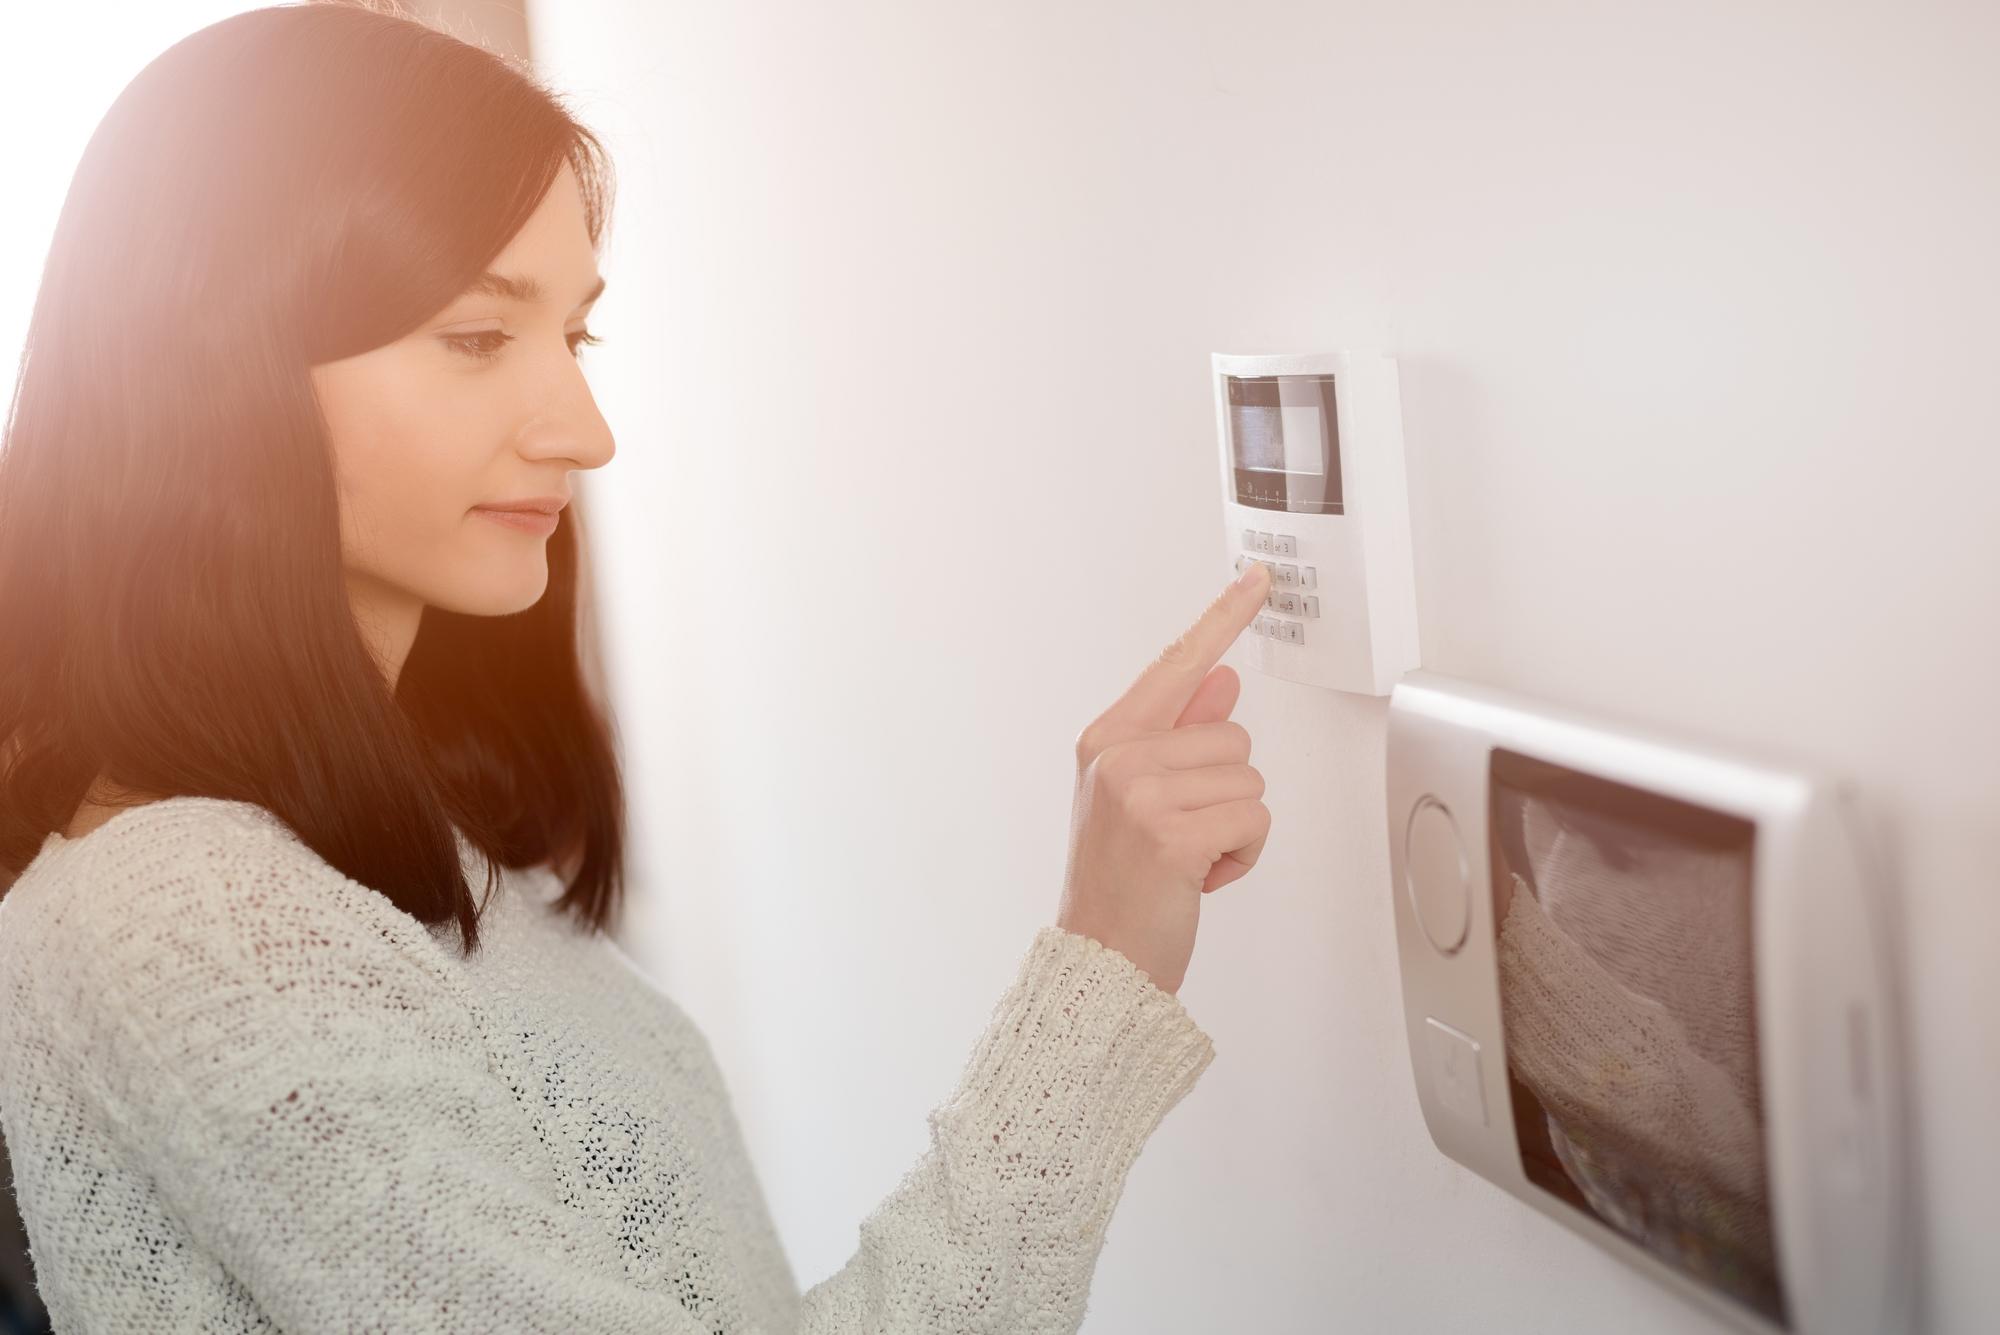 Kvinde håndterer alarm